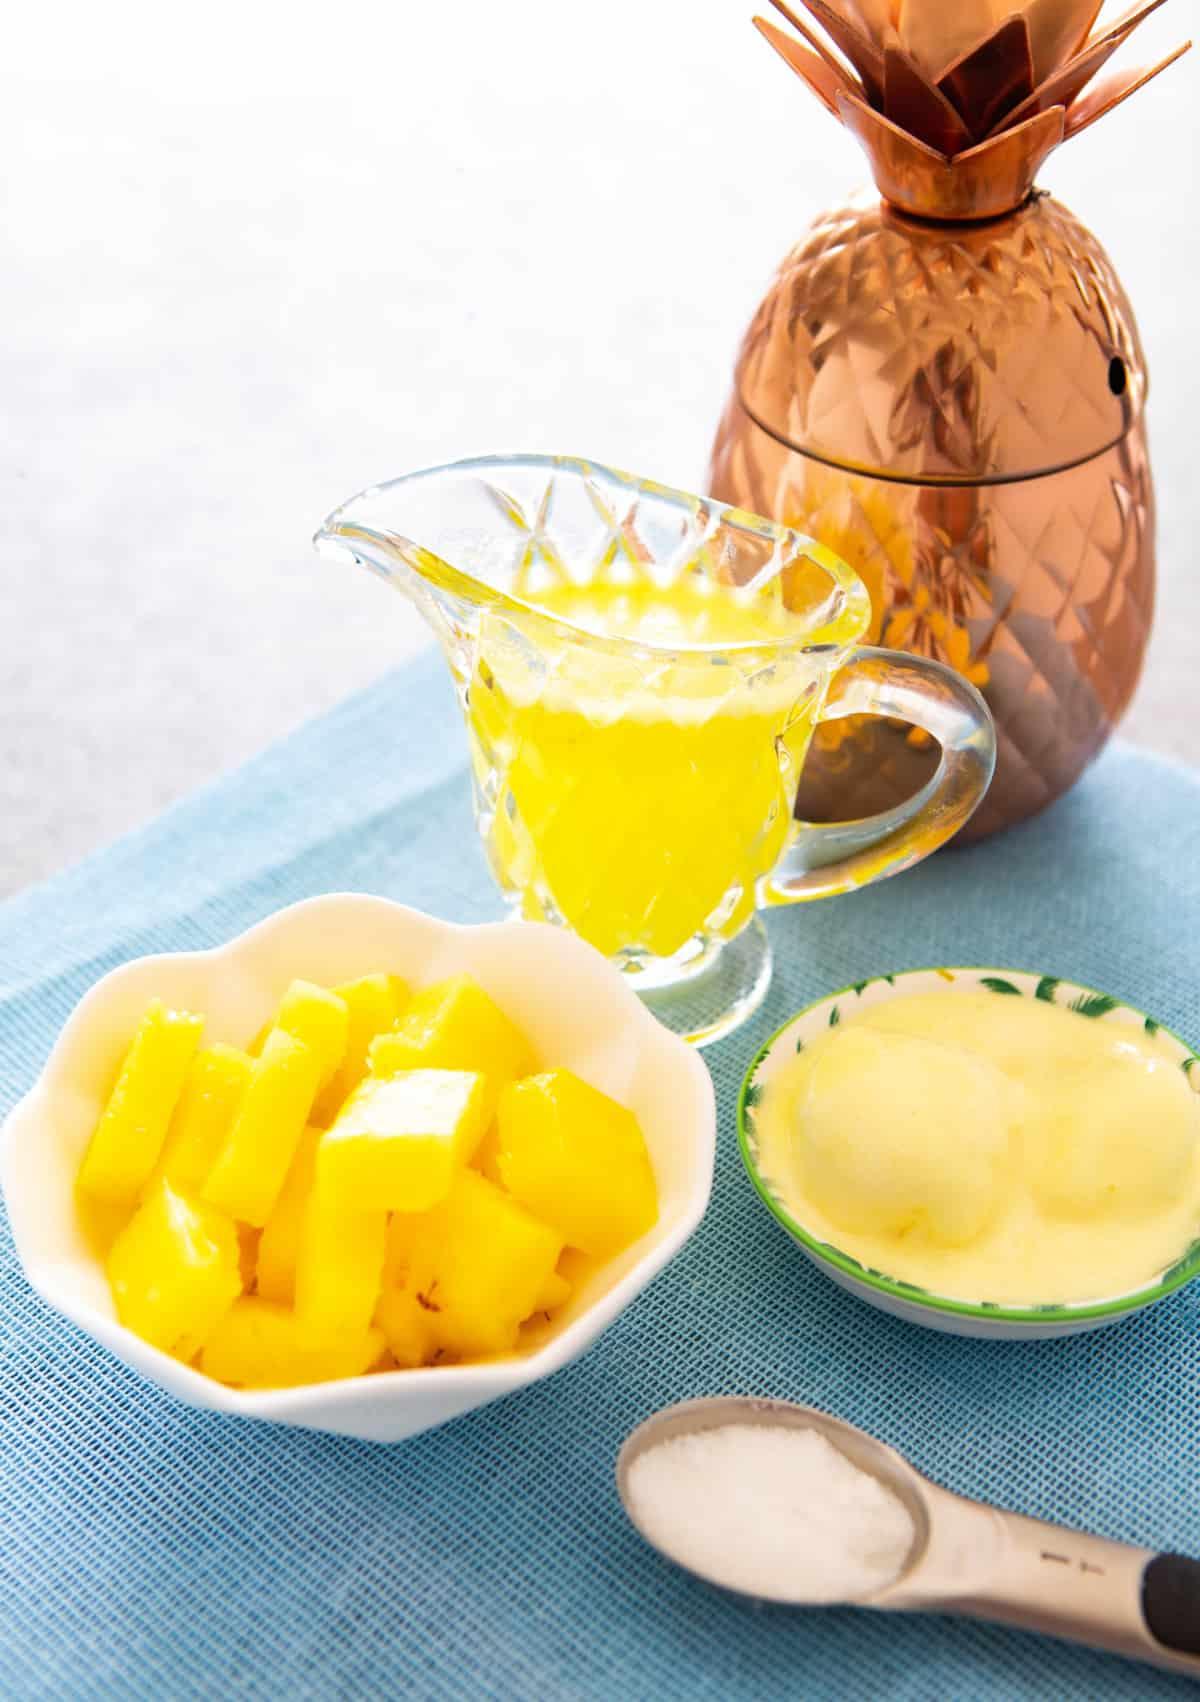 Piña congelada en un bol, jugo en una jarra y helado de vainilla, todo sobre una mesa.